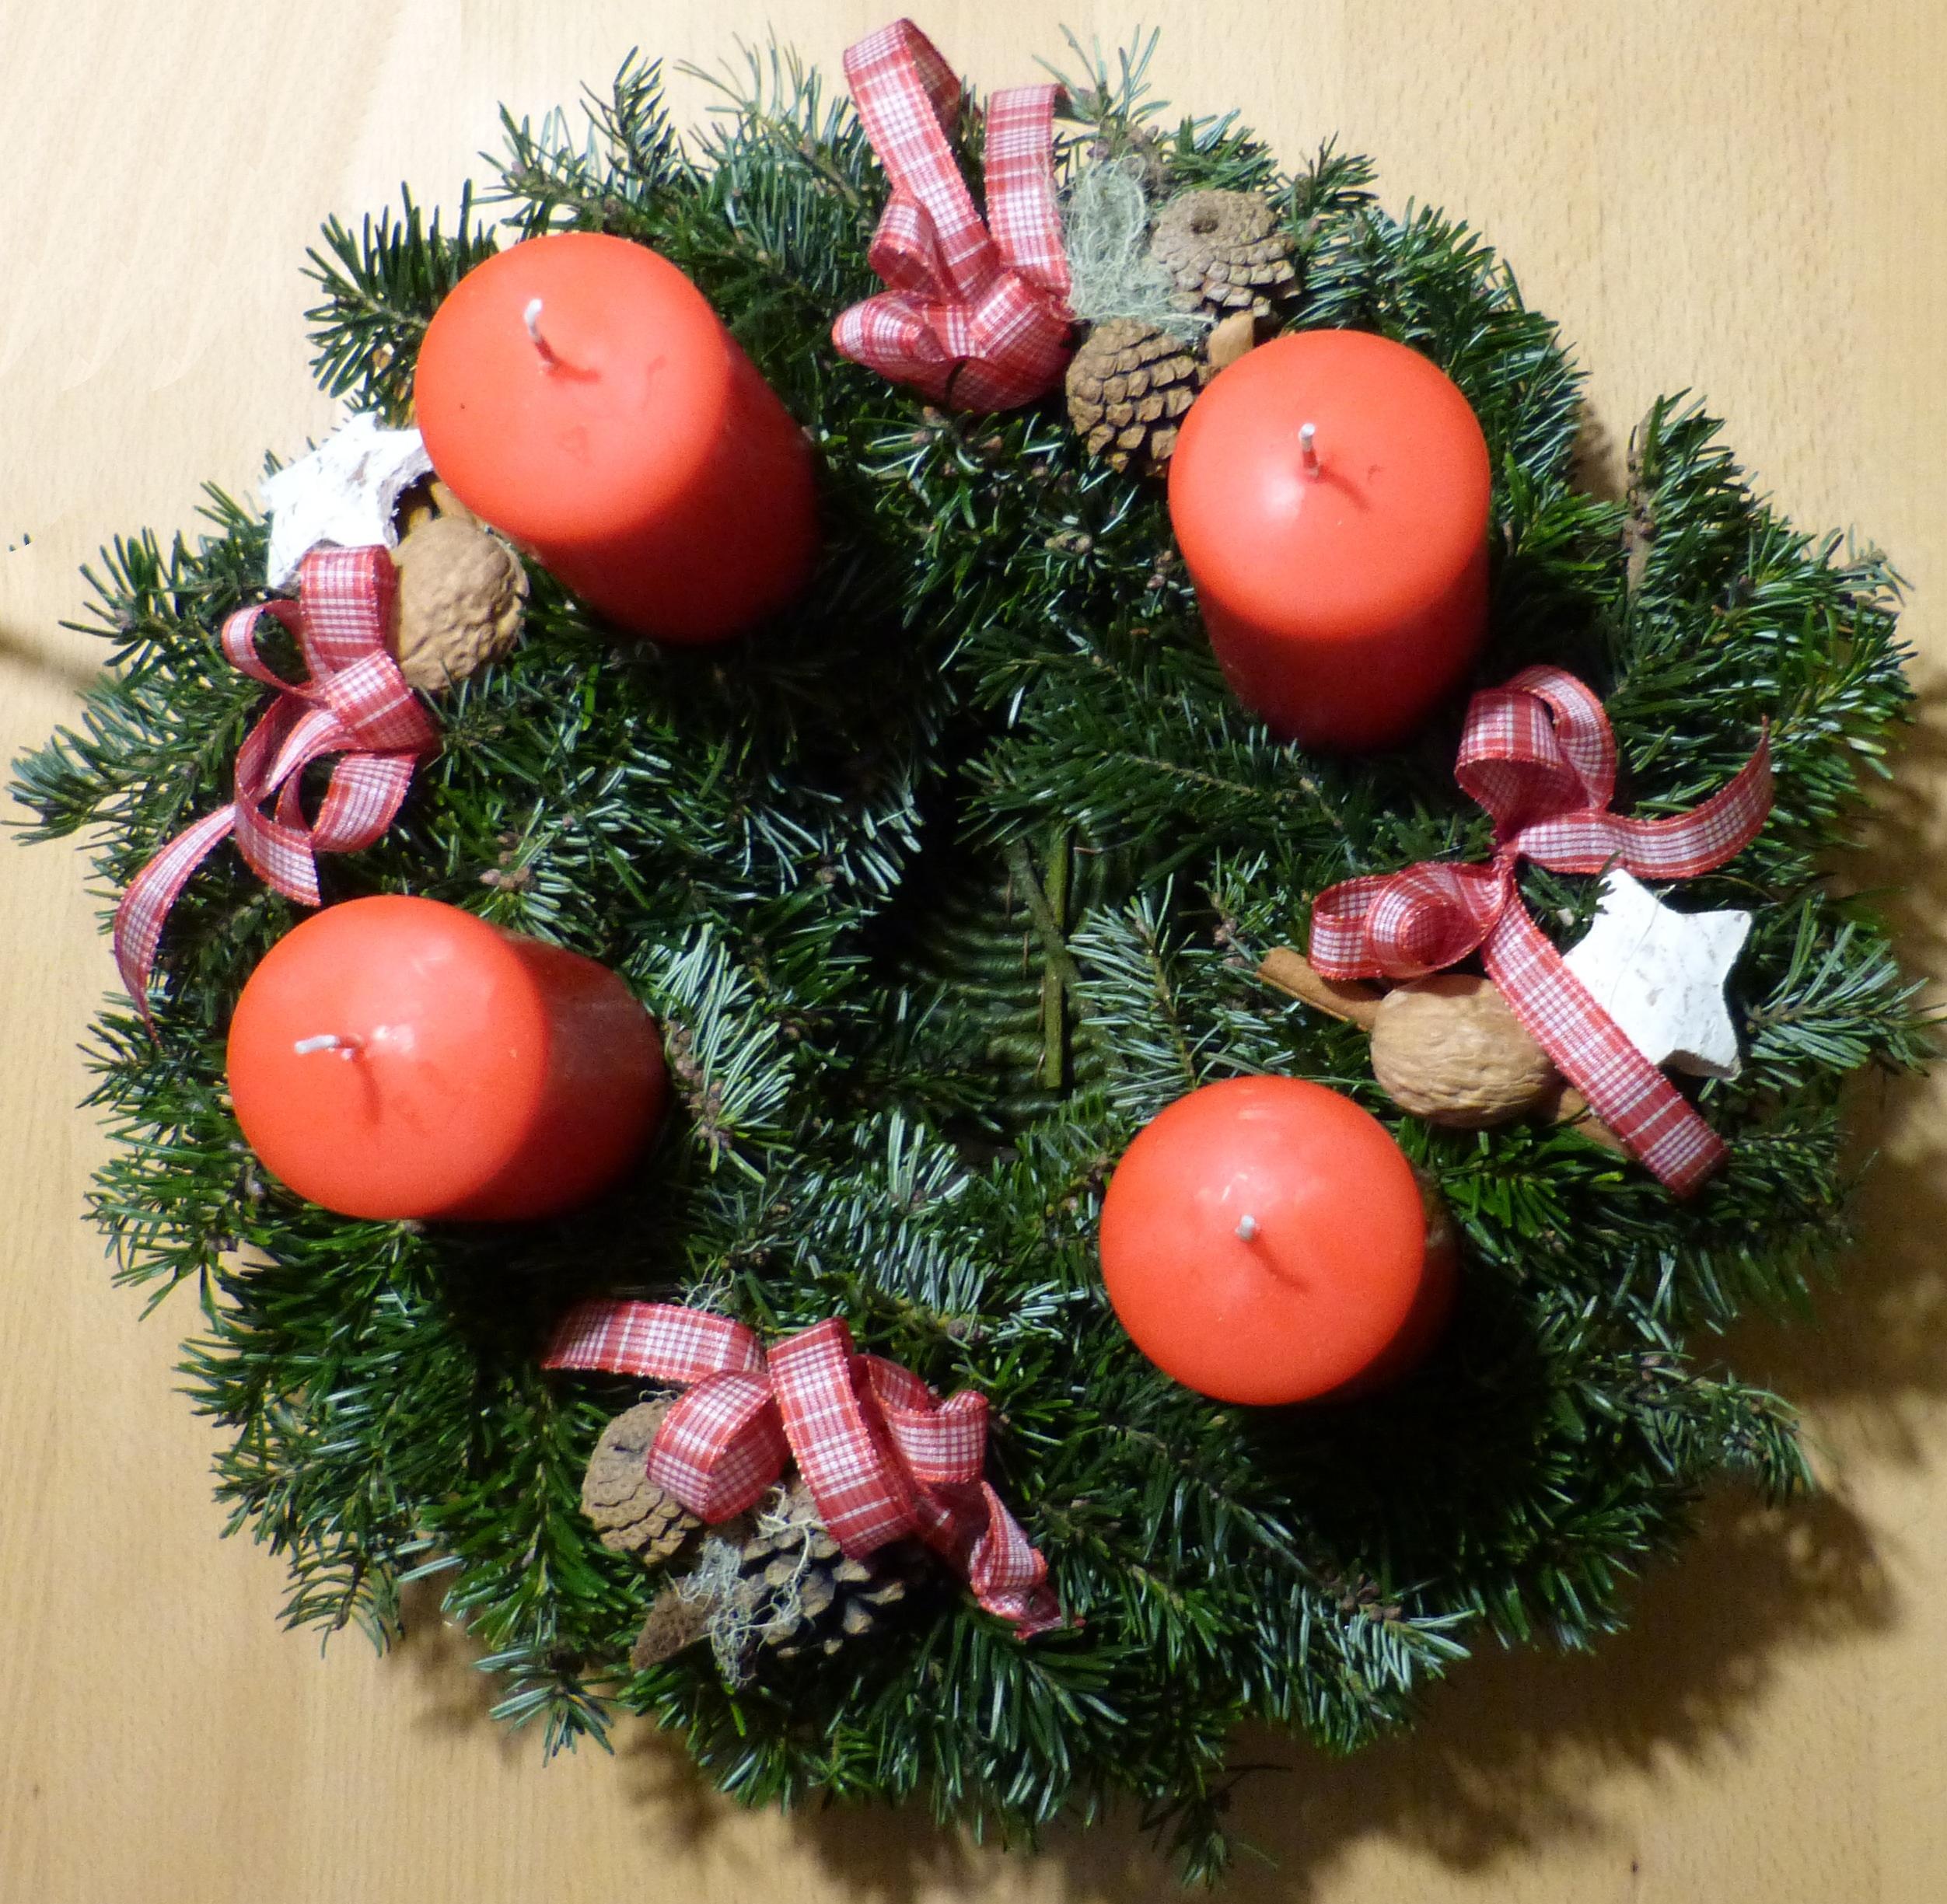 Adventskranz Bilder Kostenlos kostenlose foto ast dekoration gemütlich weihnachten tanne